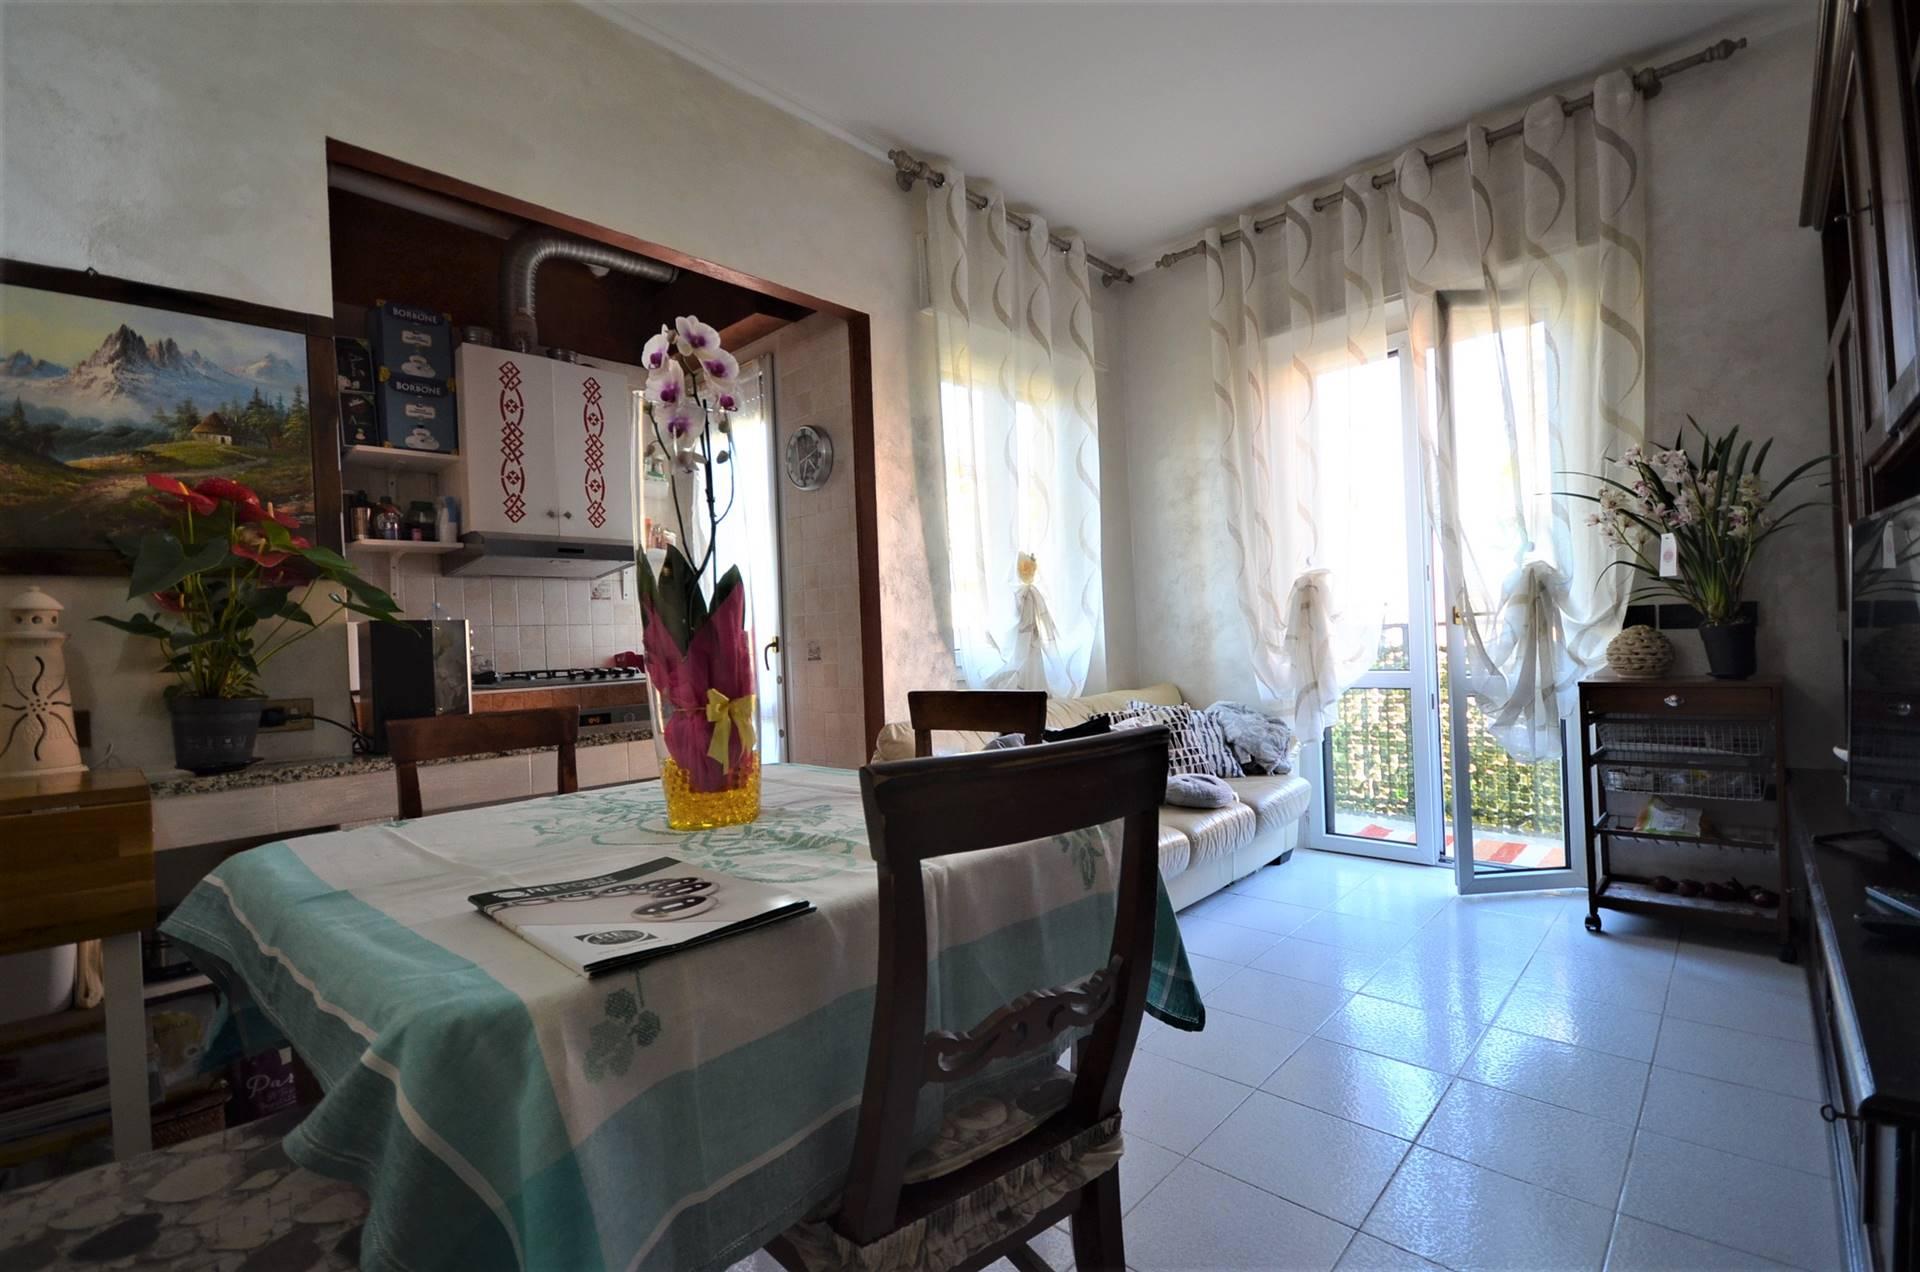 Appartamento in vendita a Cassina de' Pecchi, 3 locali, zona 'Agata, prezzo € 140.000   PortaleAgenzieImmobiliari.it